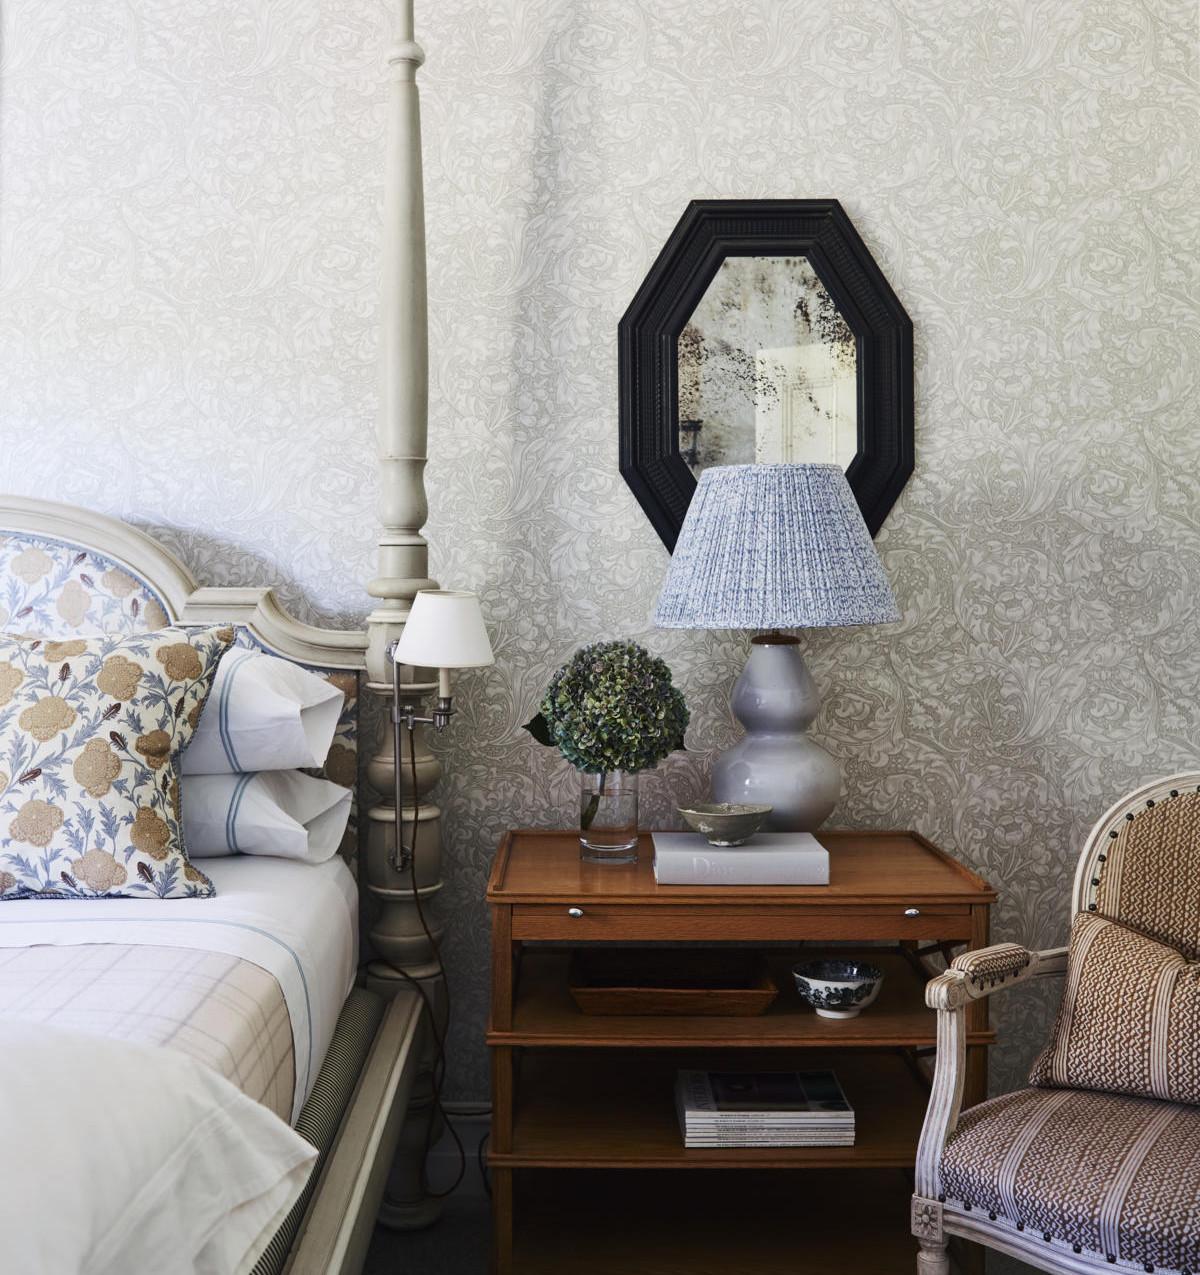 The Raj Room detail